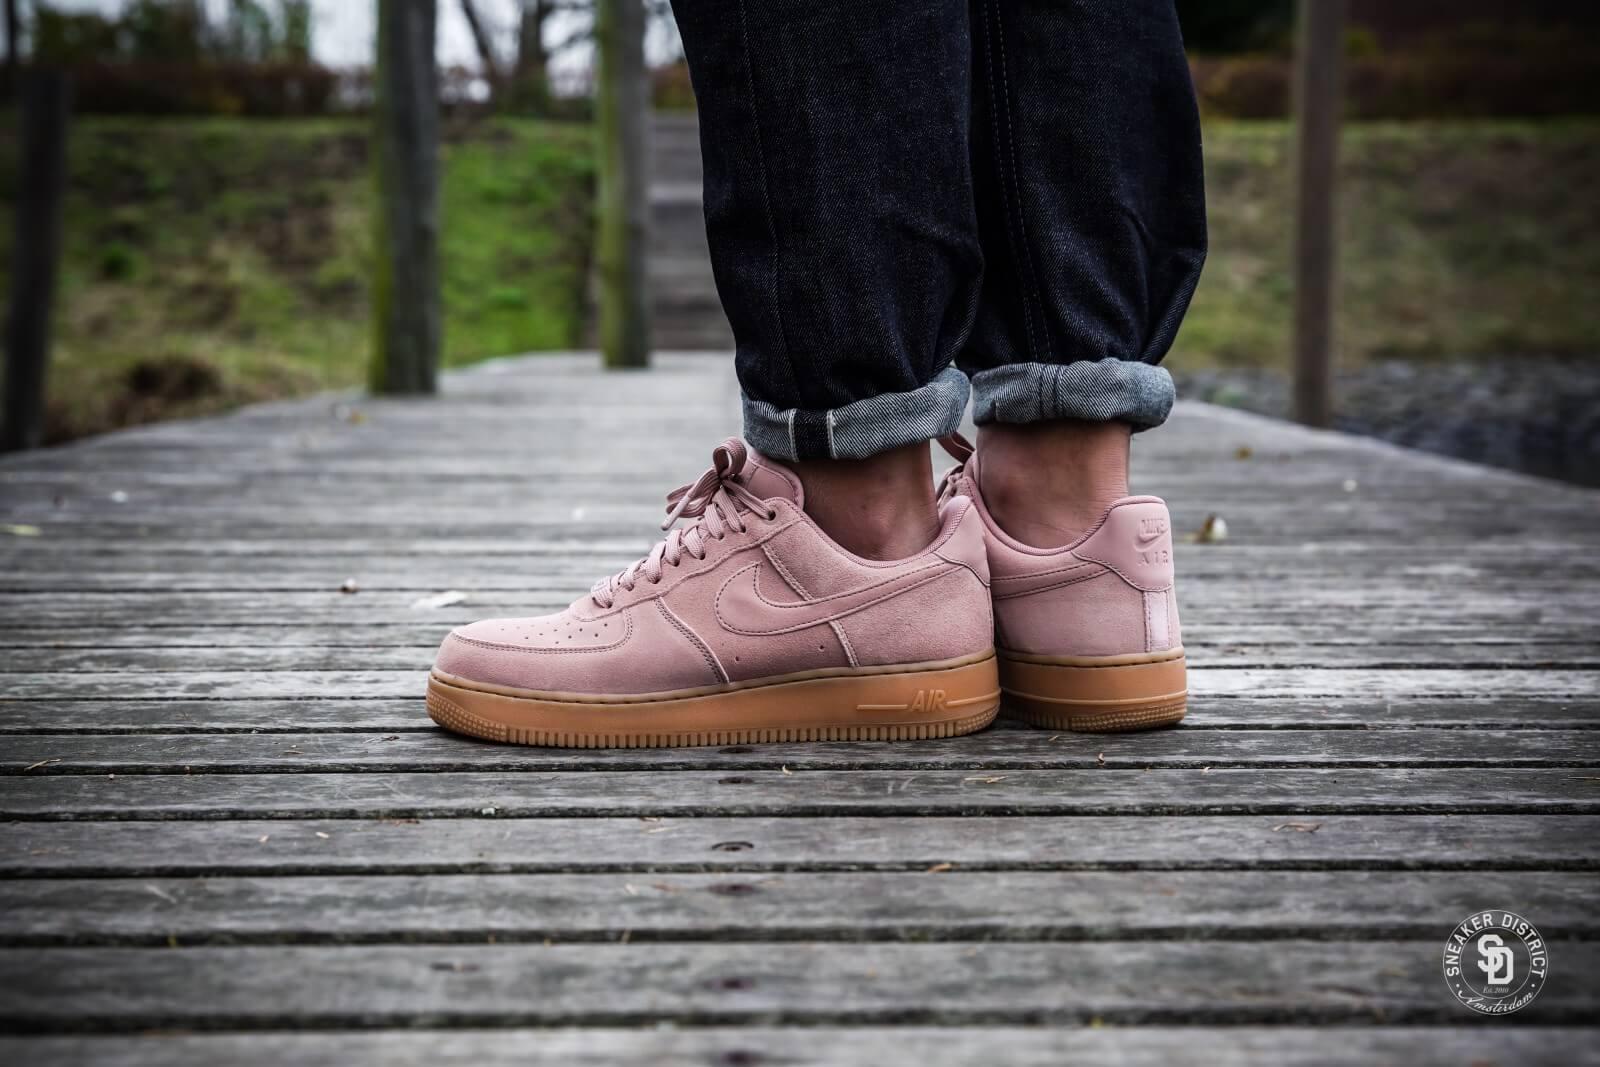 Nike Air Force 1 '07 LV8 Suede Sneakers |